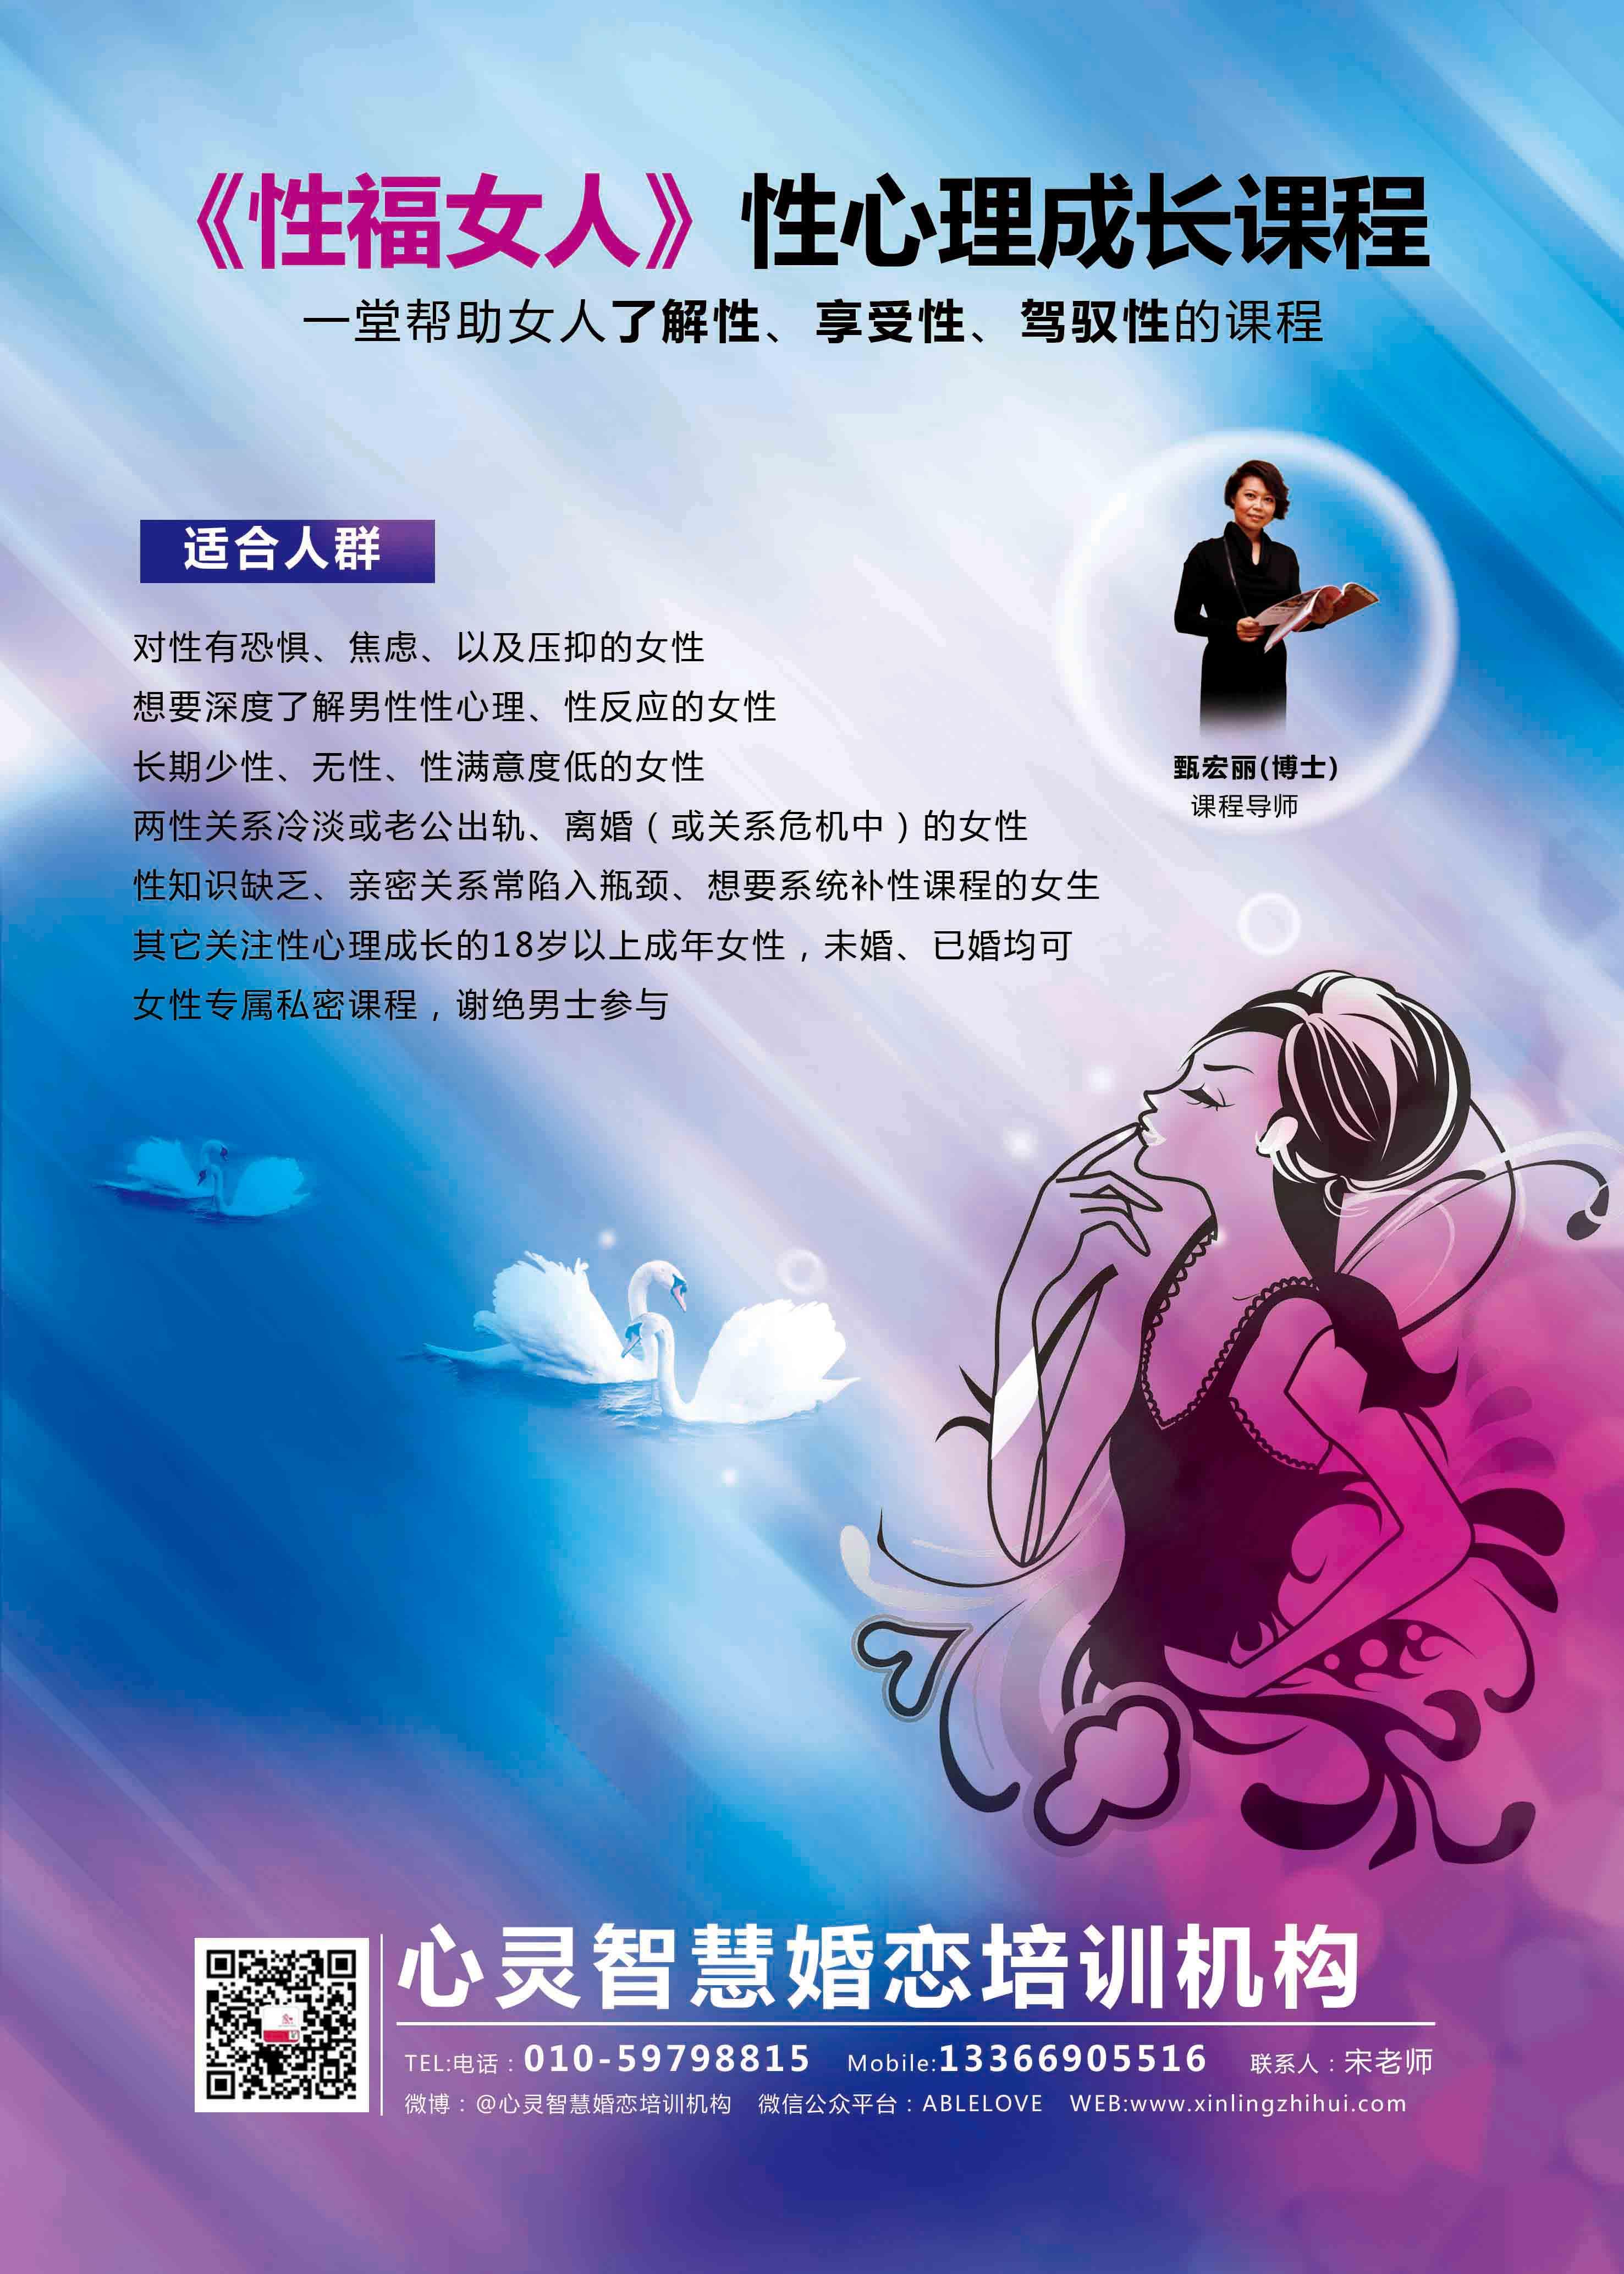 北京心灵智慧婚恋培训机构针对单身人士和已婚人士开办有系列婚恋心理成长课程,现有三个课程需要做易拉宝及海拔的设计。 设计内容:1,《女性魅力形象培训班》易拉宝及海报。2,《性福女人》易拉宝及海报。3,《爱的能力》海报。 需求说明:1,易拉宝主要用于场外宣传,有直观展示;内容为固定信息。2,海报主要用于场内宣传,可更新开班信息。3,易拉宝和海报是针对课程的一个整体,要协调。 设计要求: